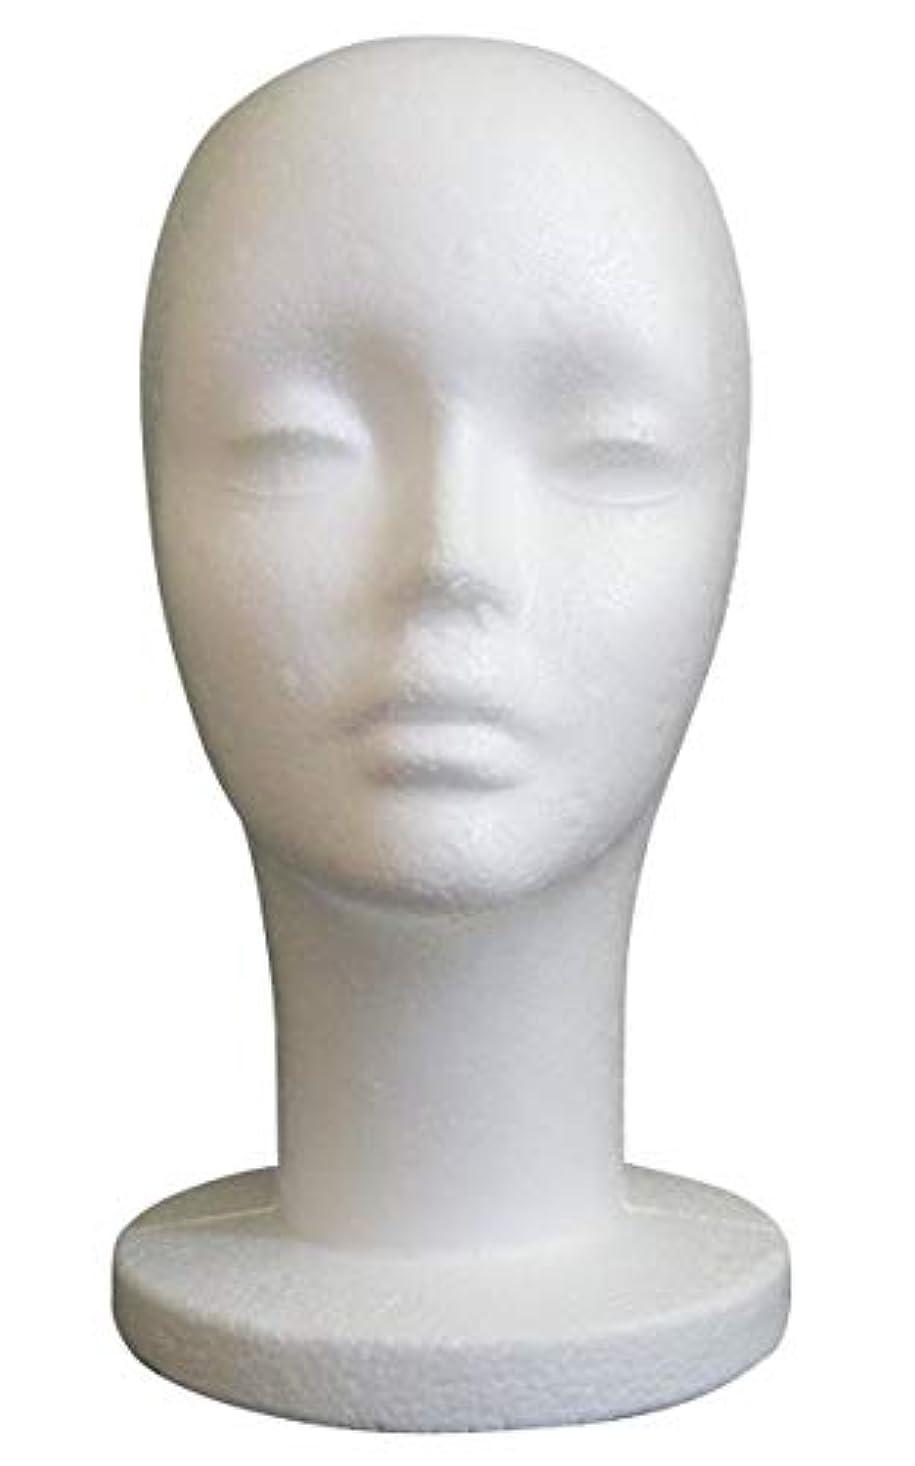 GJTr マネキンヘッド マネキン ヘッド トルソー 頭 ウィッグ スタンド ディスプレイ 女性 女